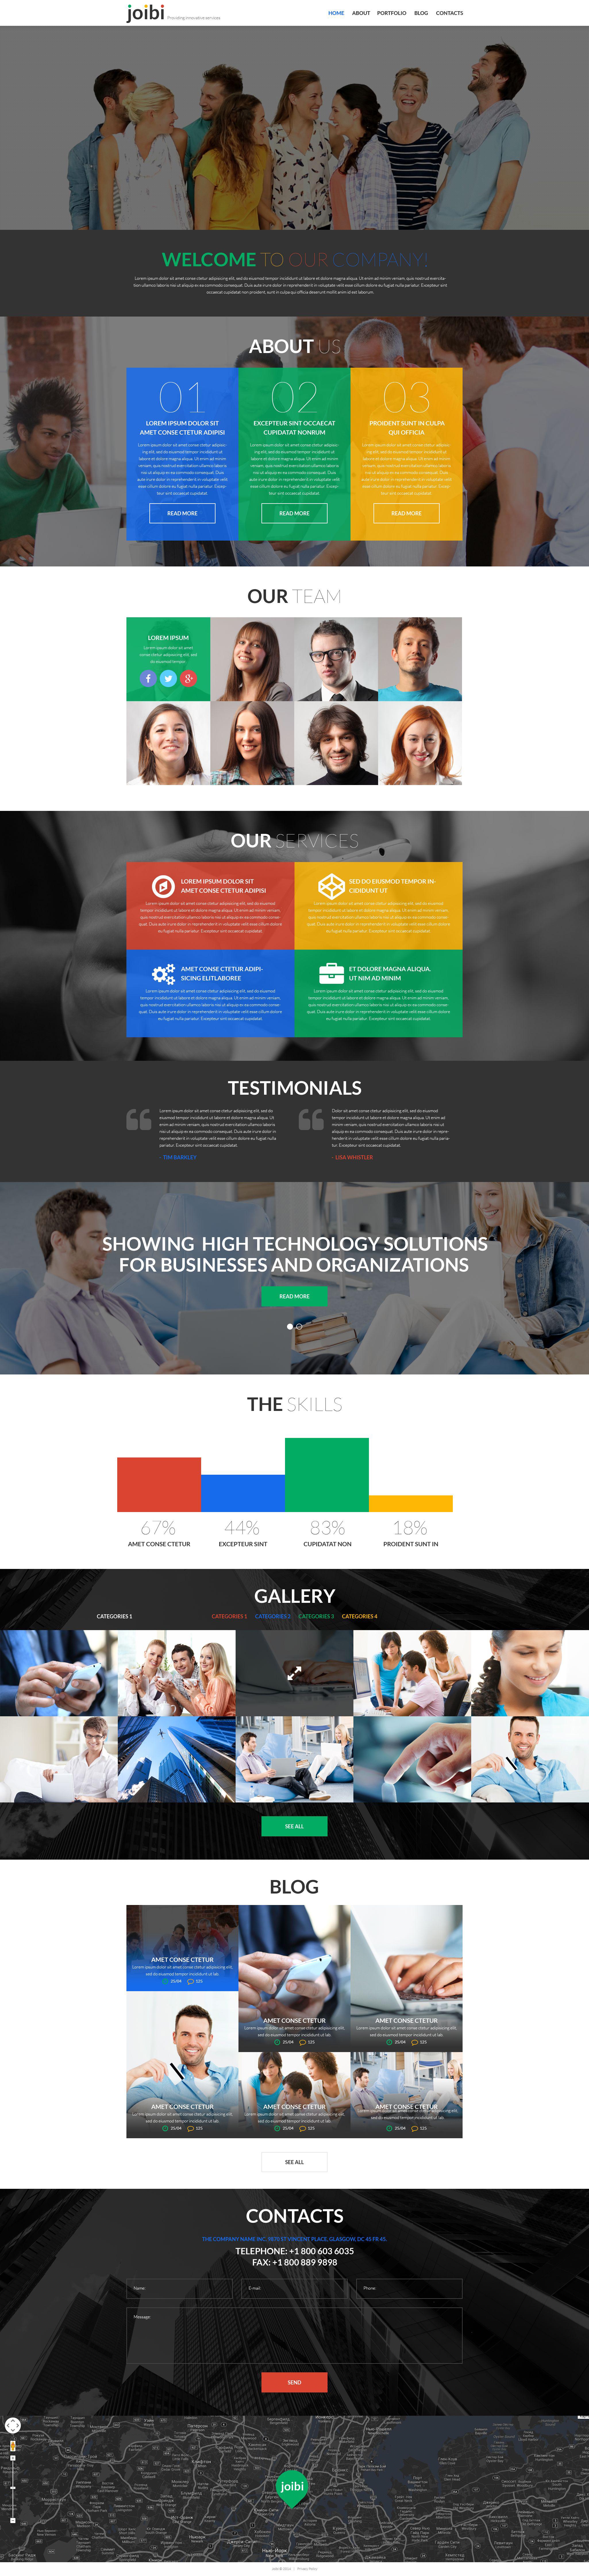 Reszponzív Business Services Promotion WordPress sablon 52442 - képernyőkép